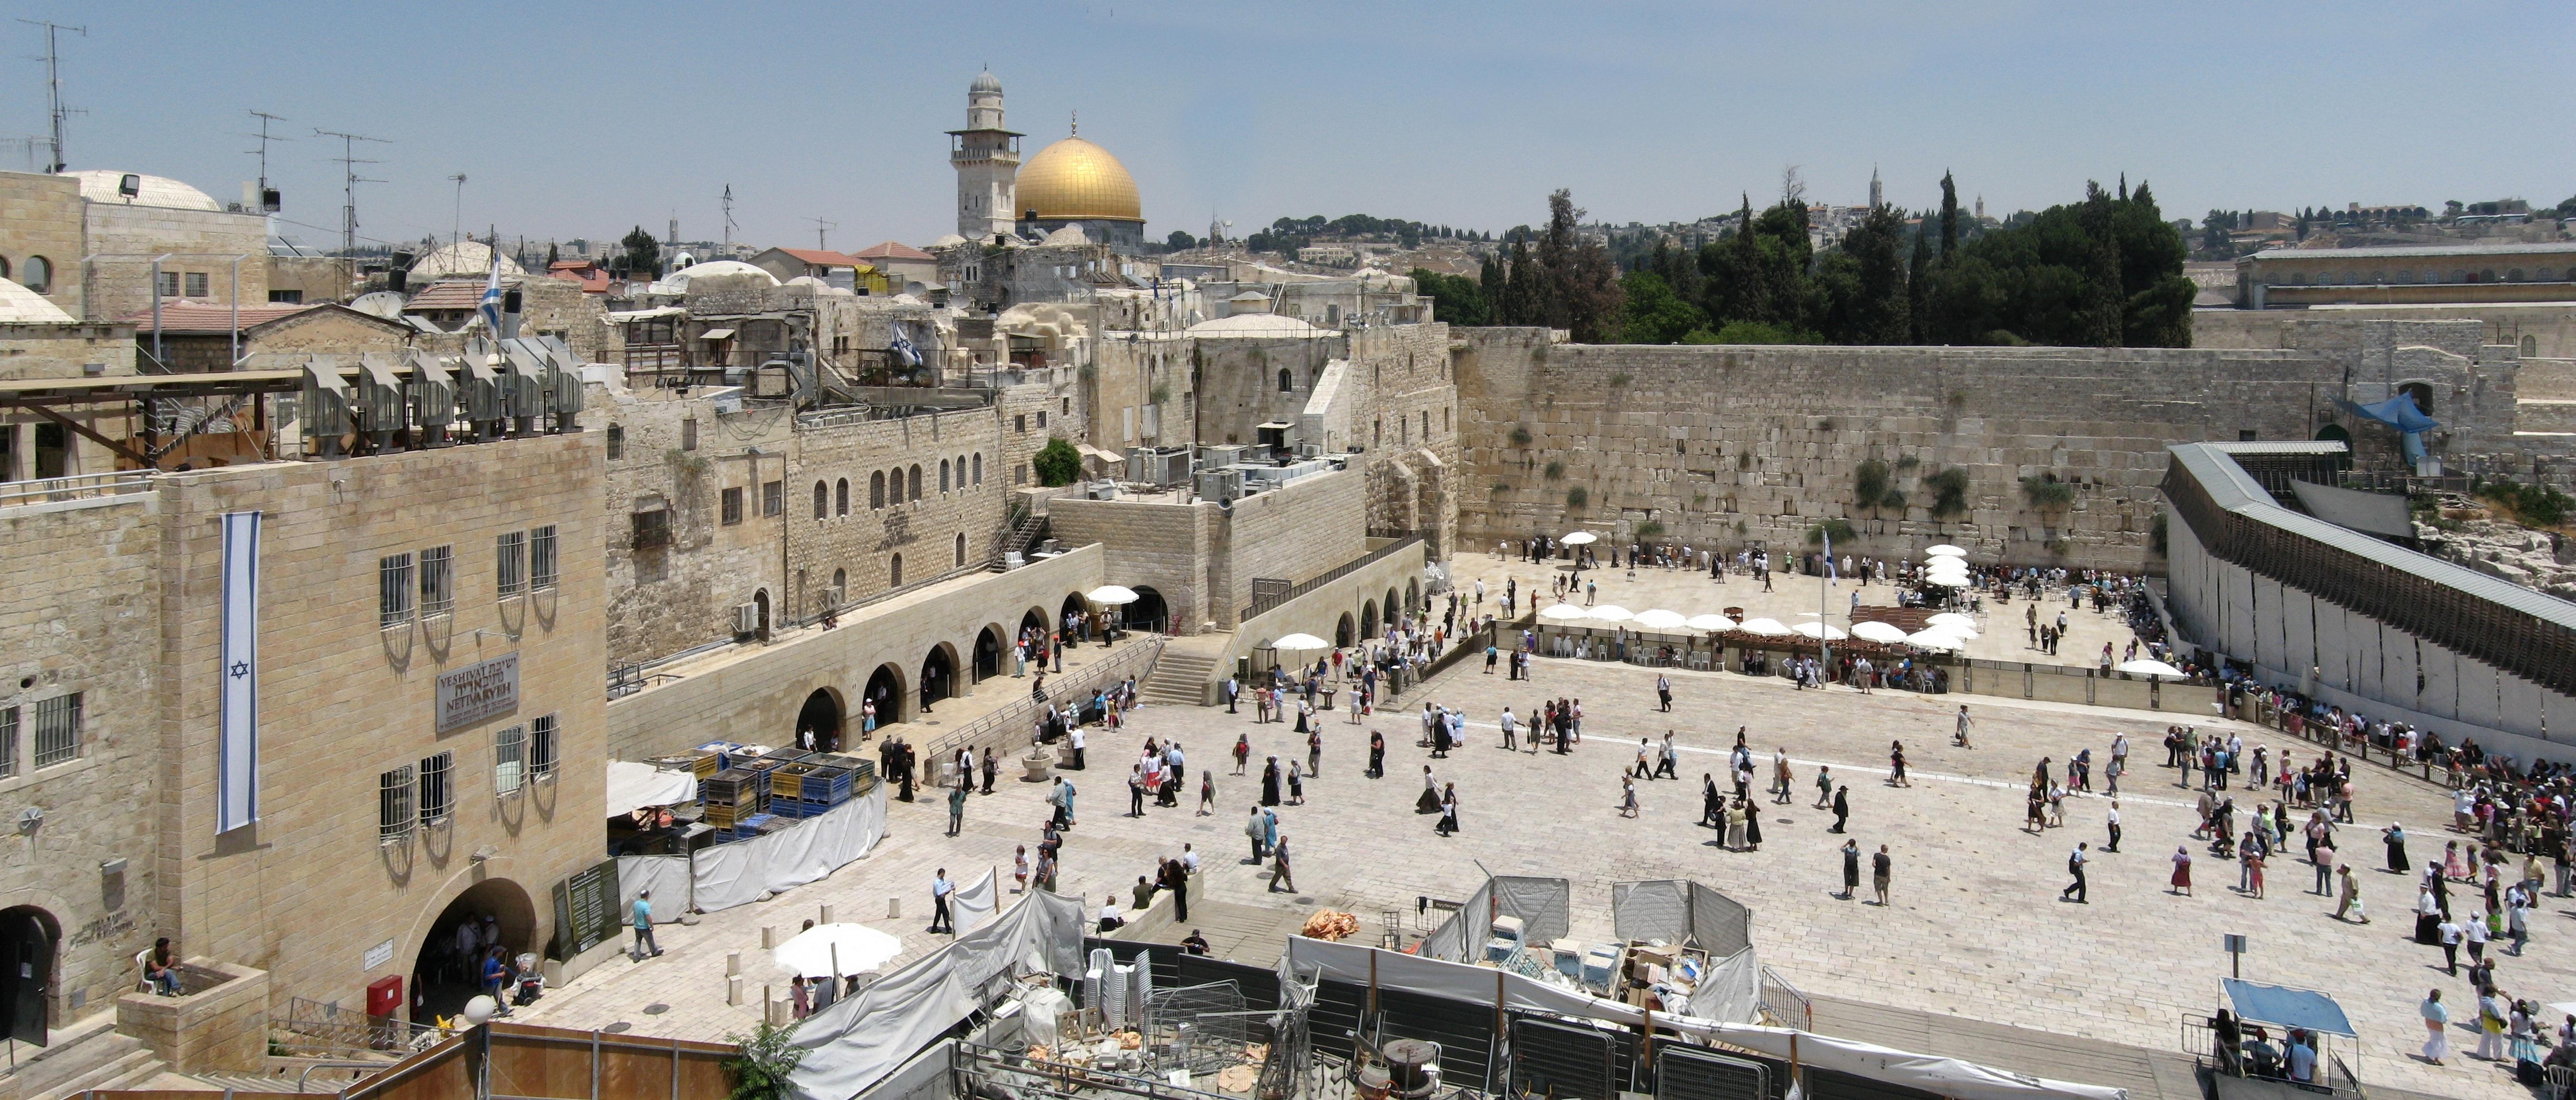 wailing wall jerusalem israel check out wailing wall